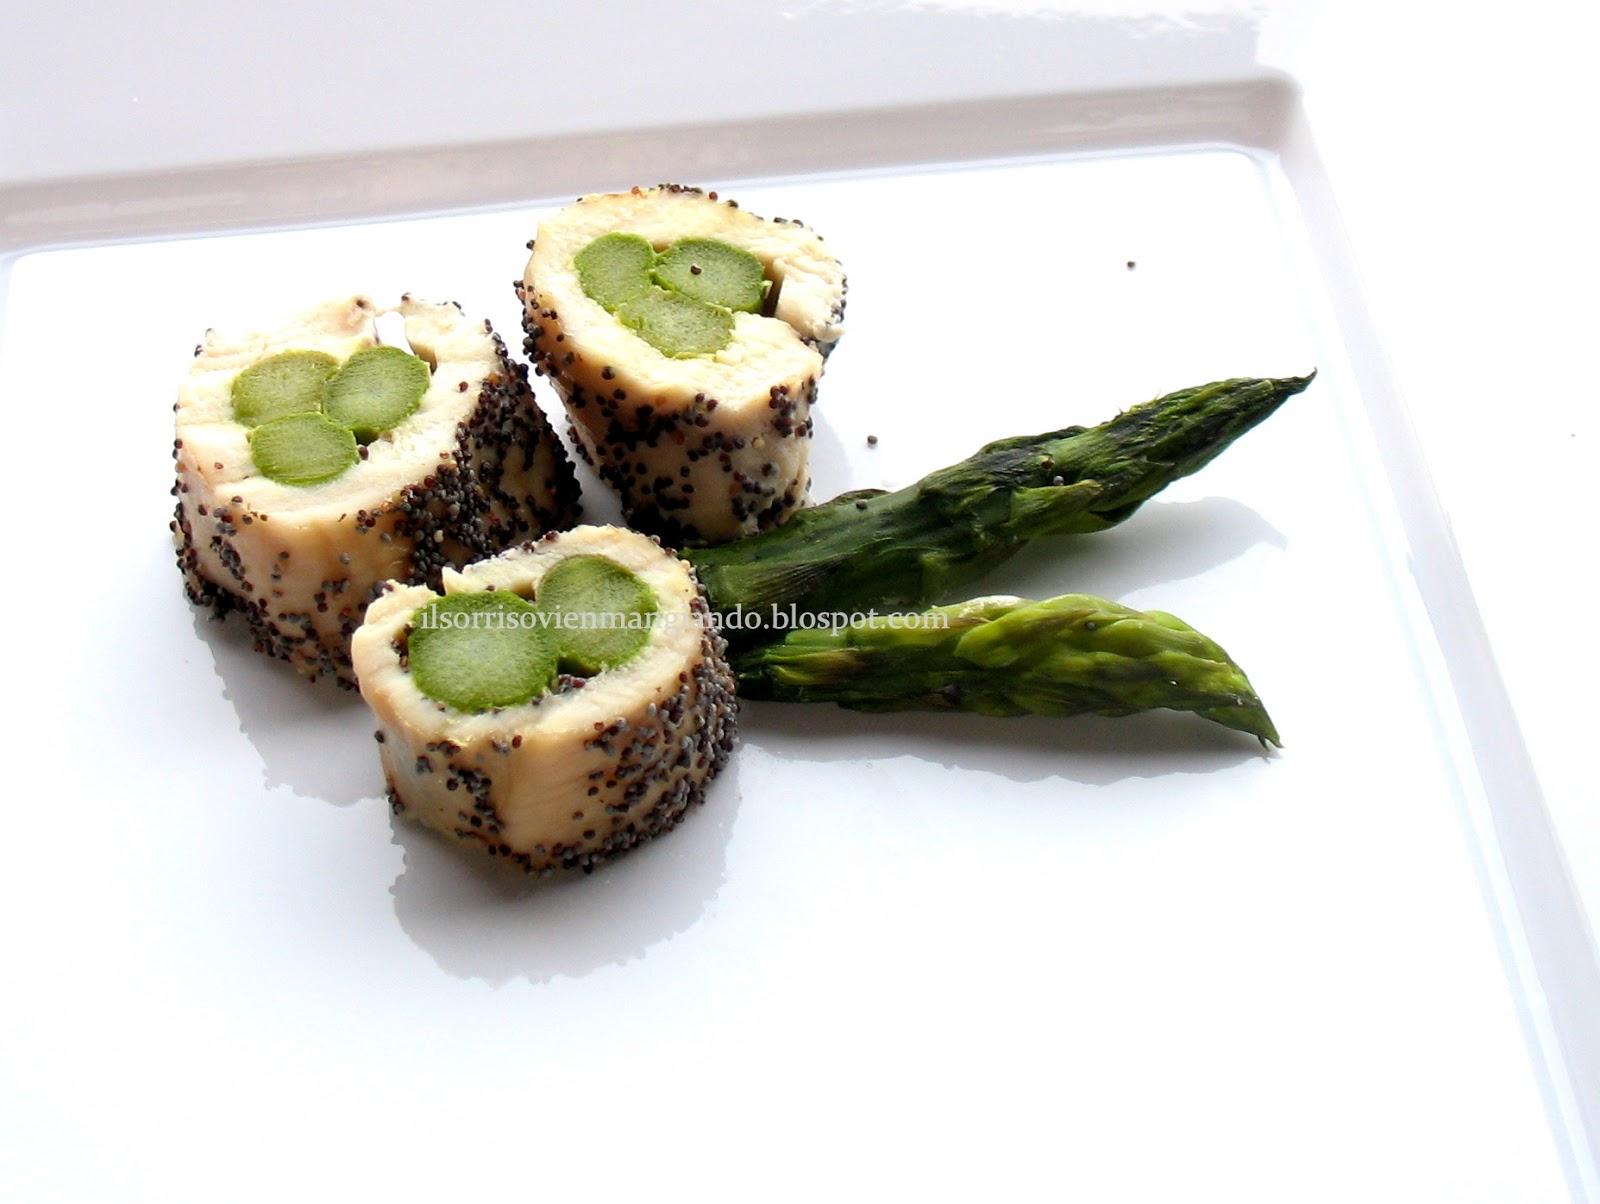 Il sorriso vien mangiando cucina alternativa chicken sushi - Alternativa piastrelle cucina ...